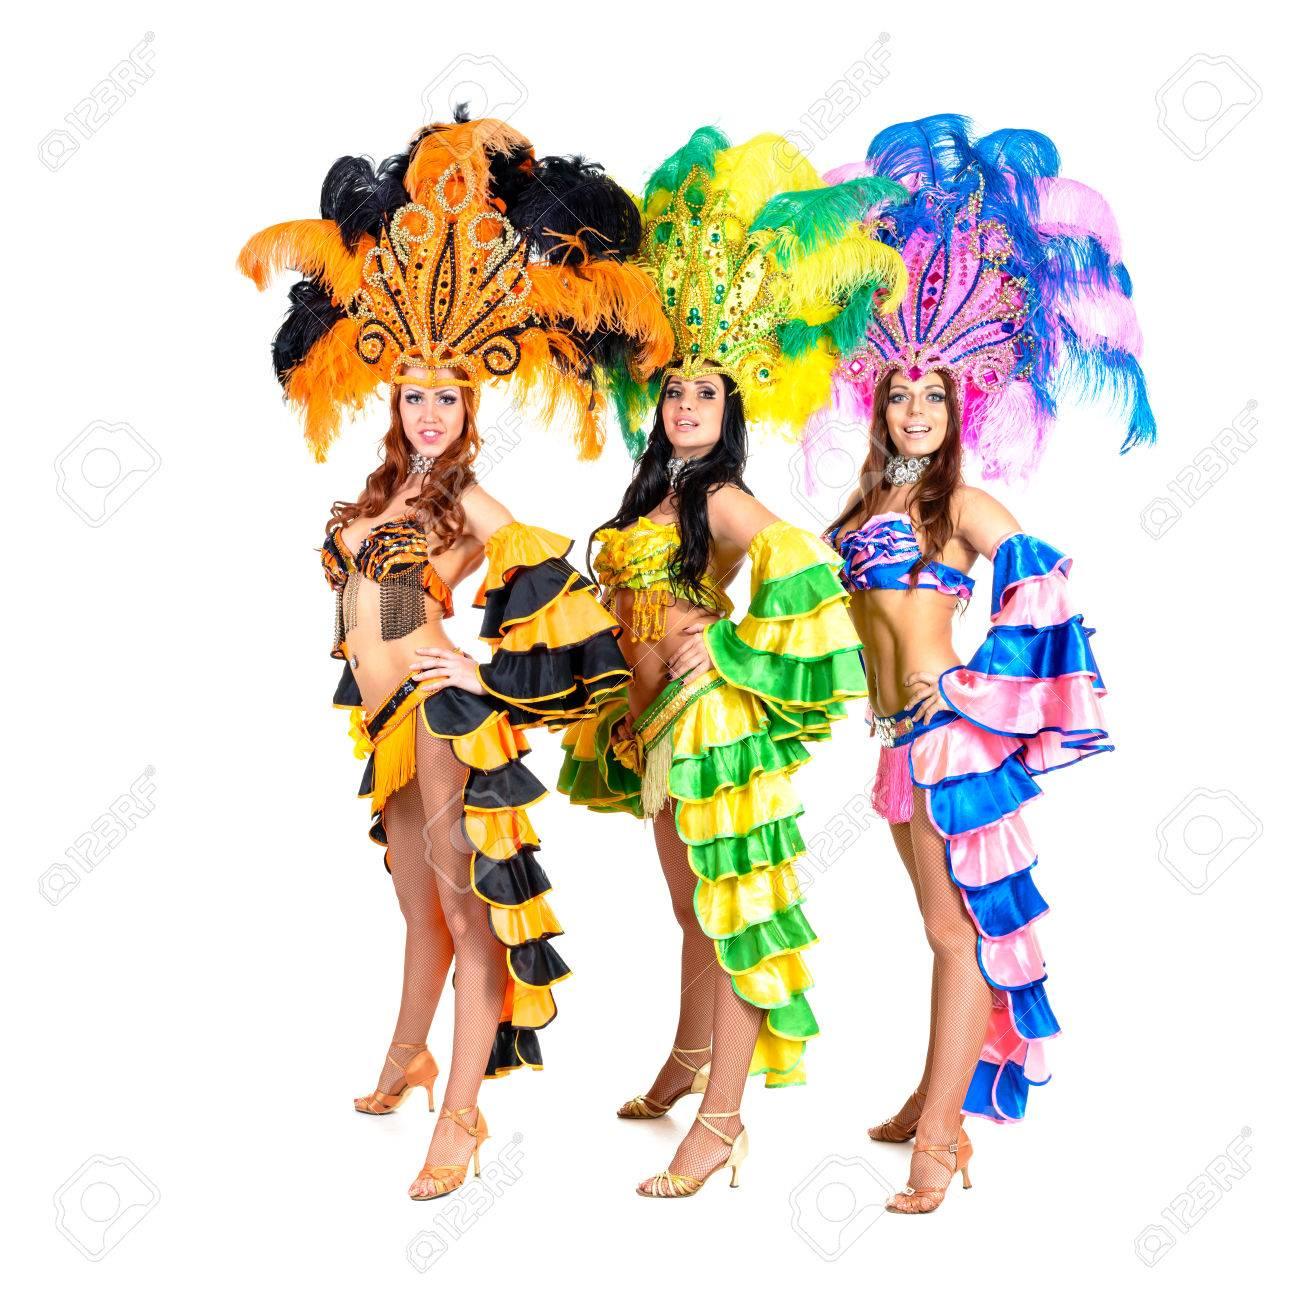 Foto de archivo , equipo bailarina vistiendo trajes de carnaval bailando contra el fondo blanco aislado